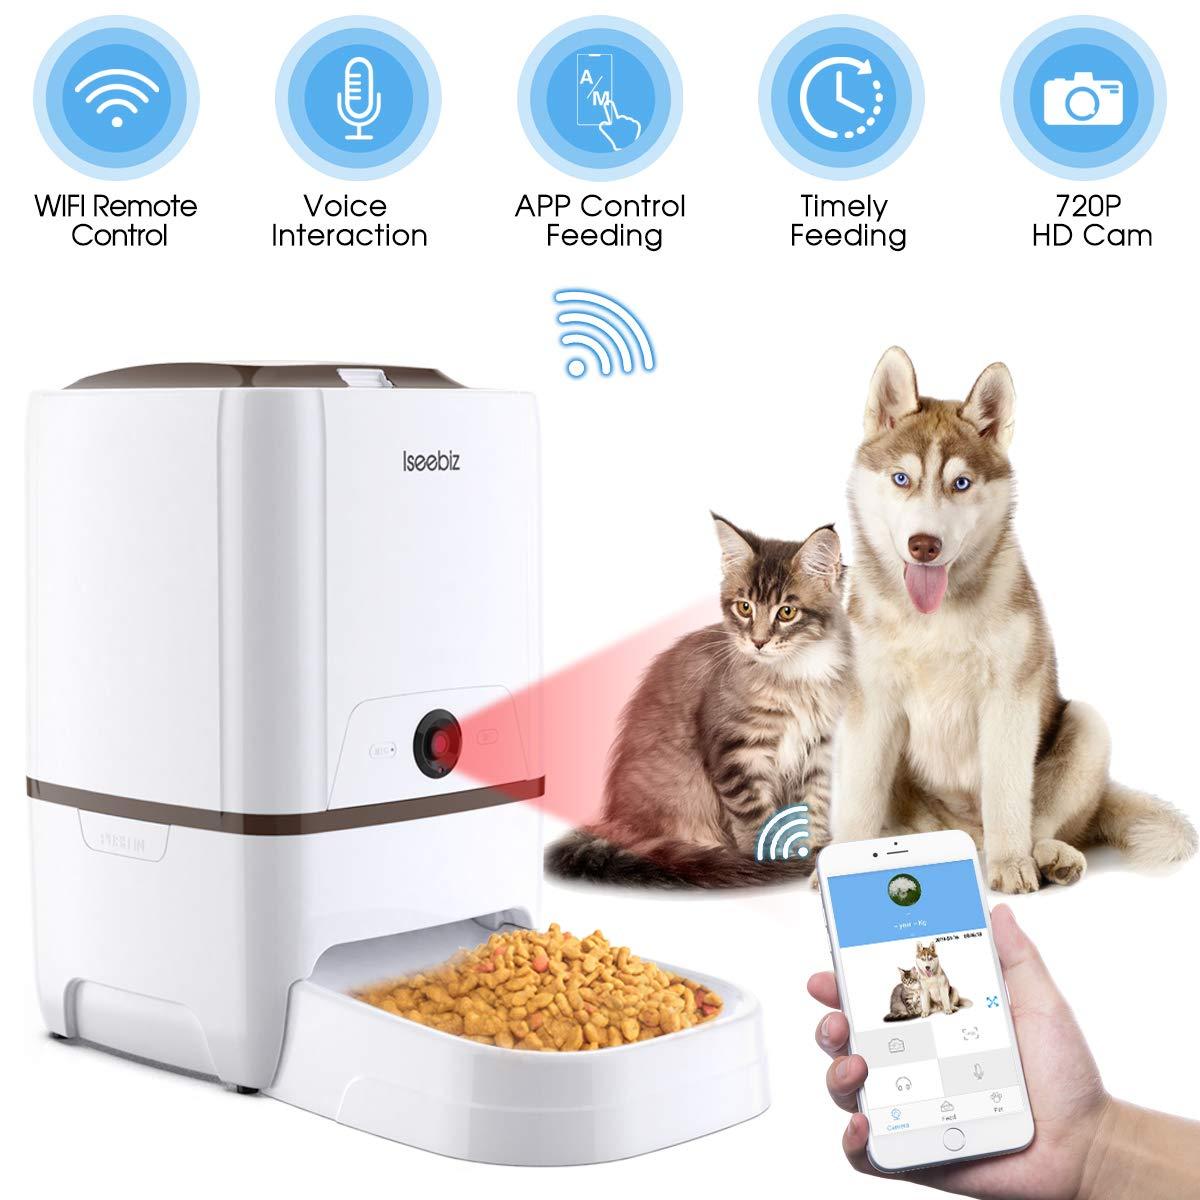 Iseebiz Comedero Automático Gatos/Perros con Cámara HD Dispensador de Comida WiFi con App Control ,Visión Nocturna